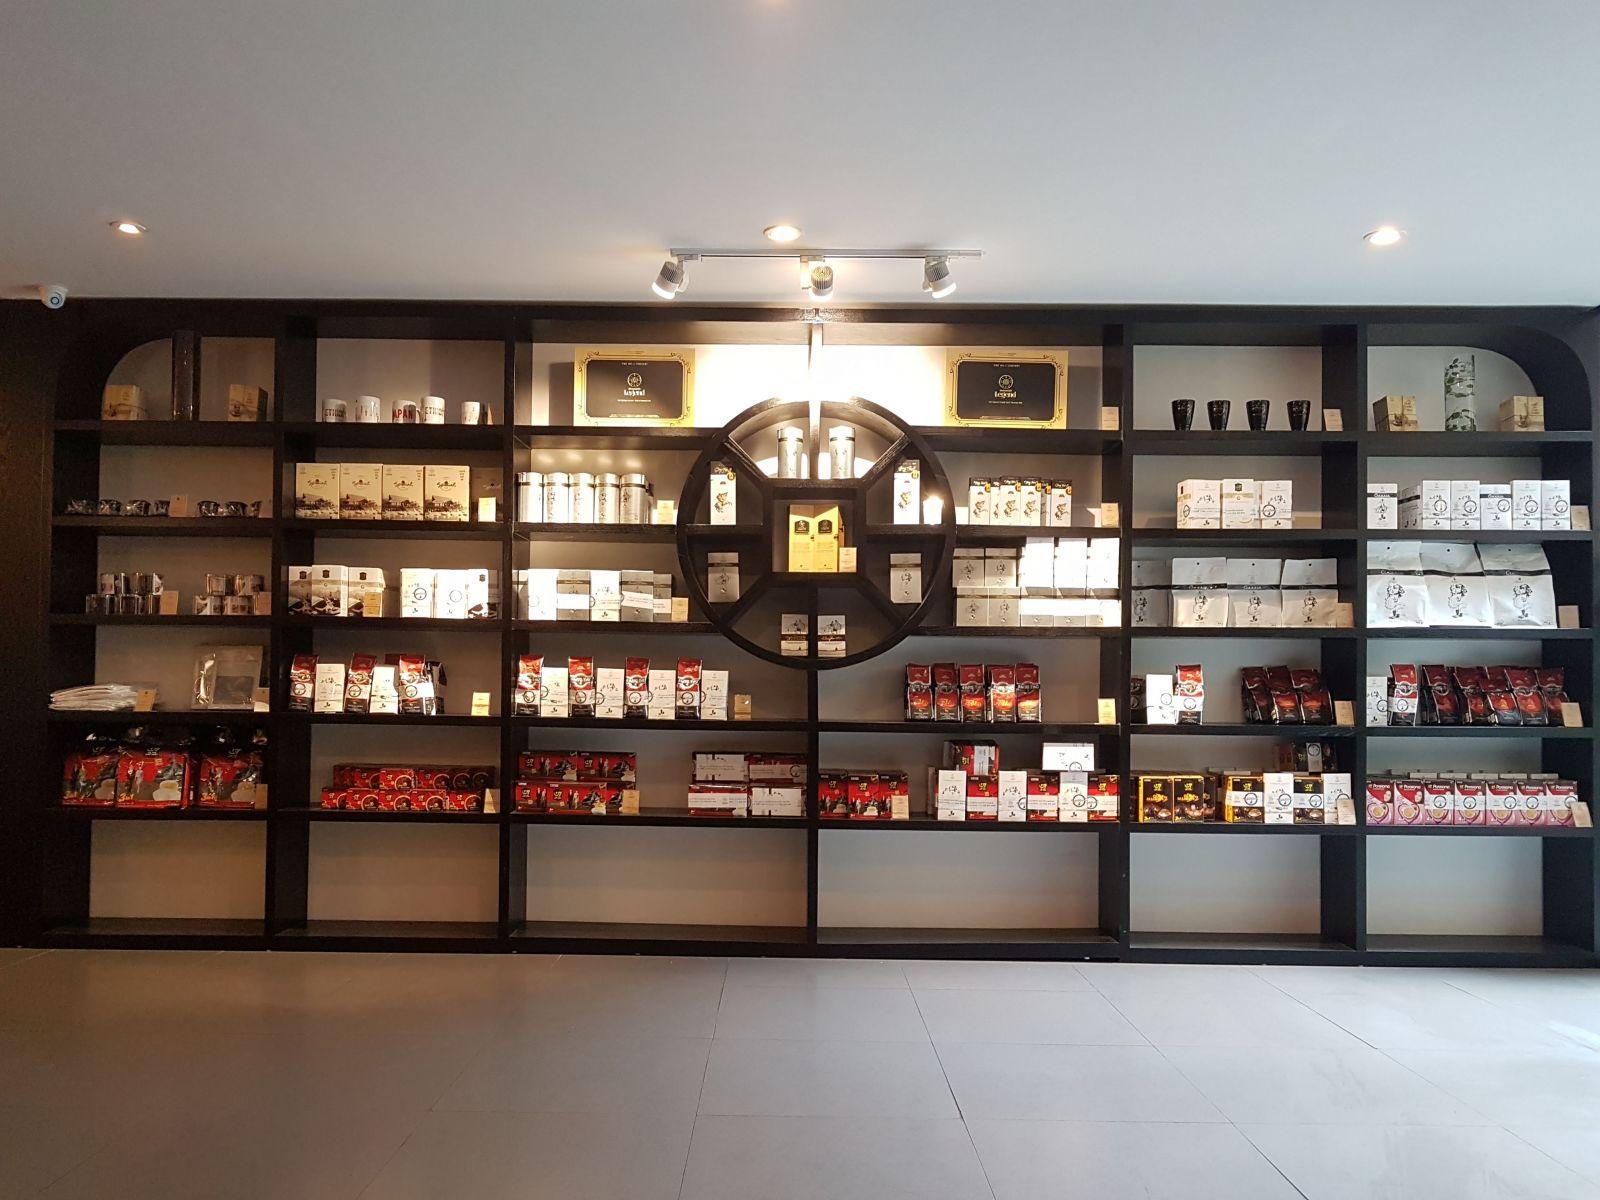 kệ gỗ trang trí nội thất quán cà phê